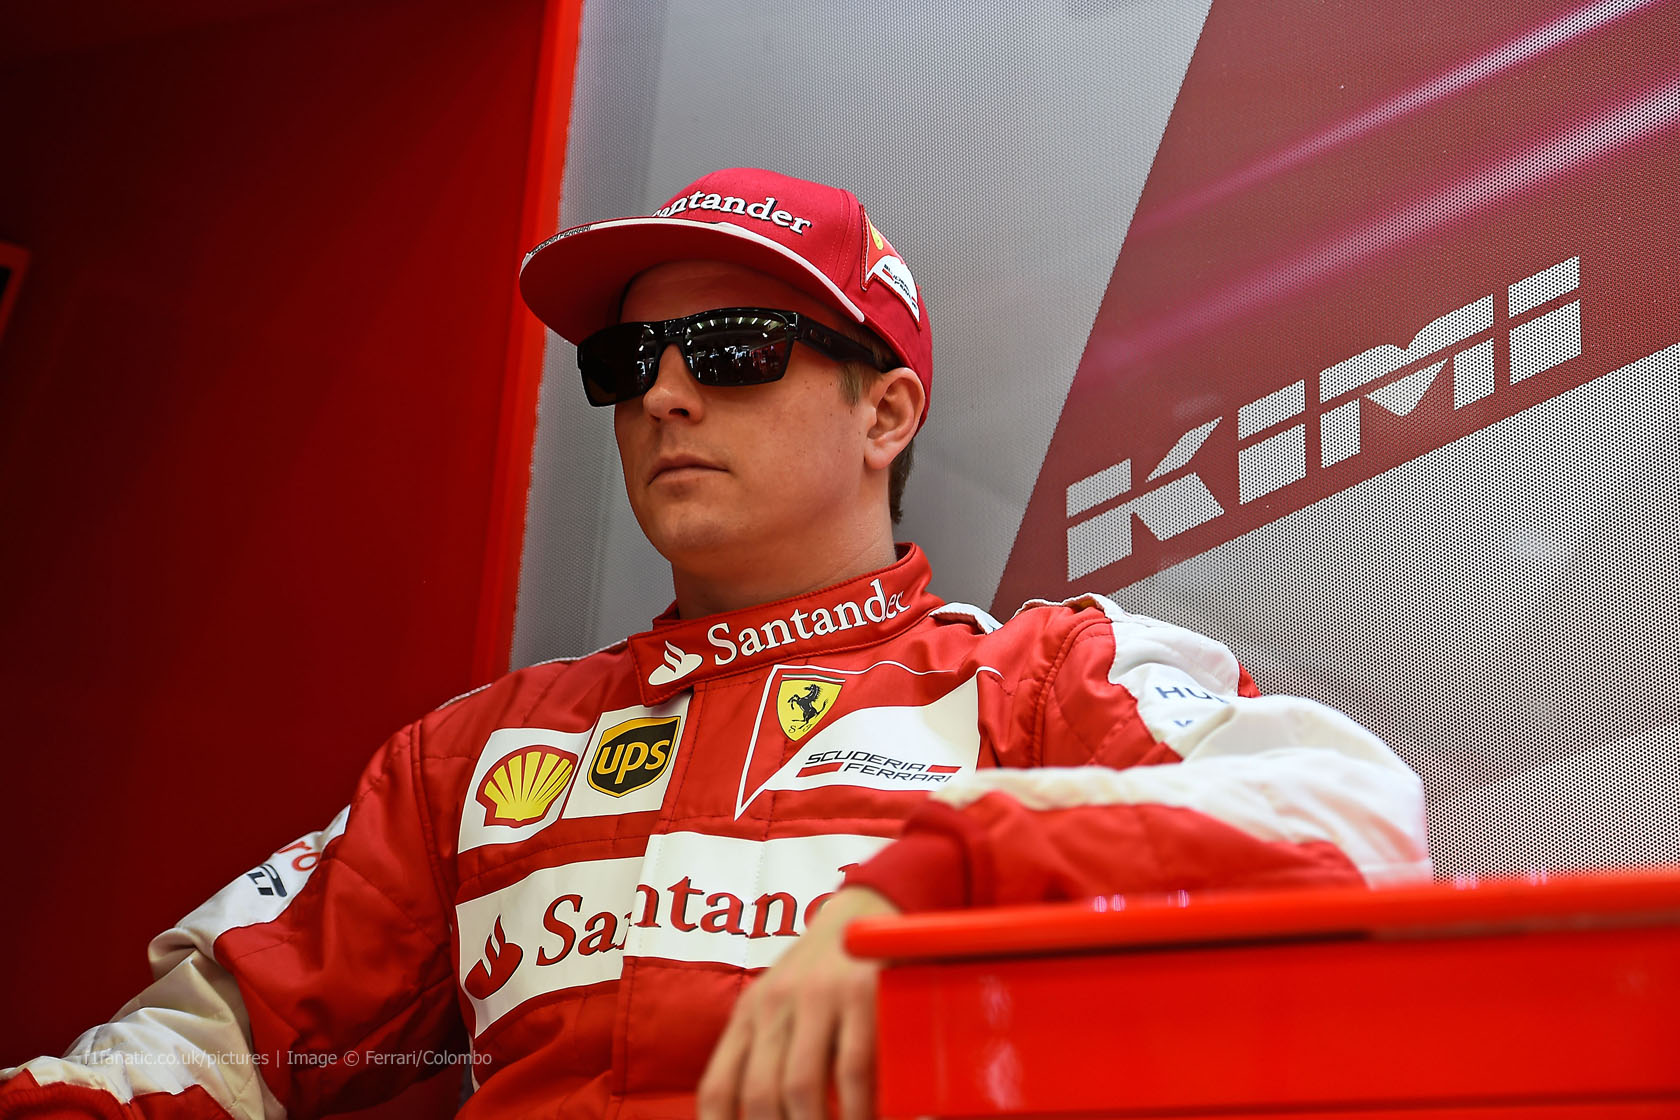 Kimi Raikkonen, Ferrari, Bahrain International Circuit, 2015